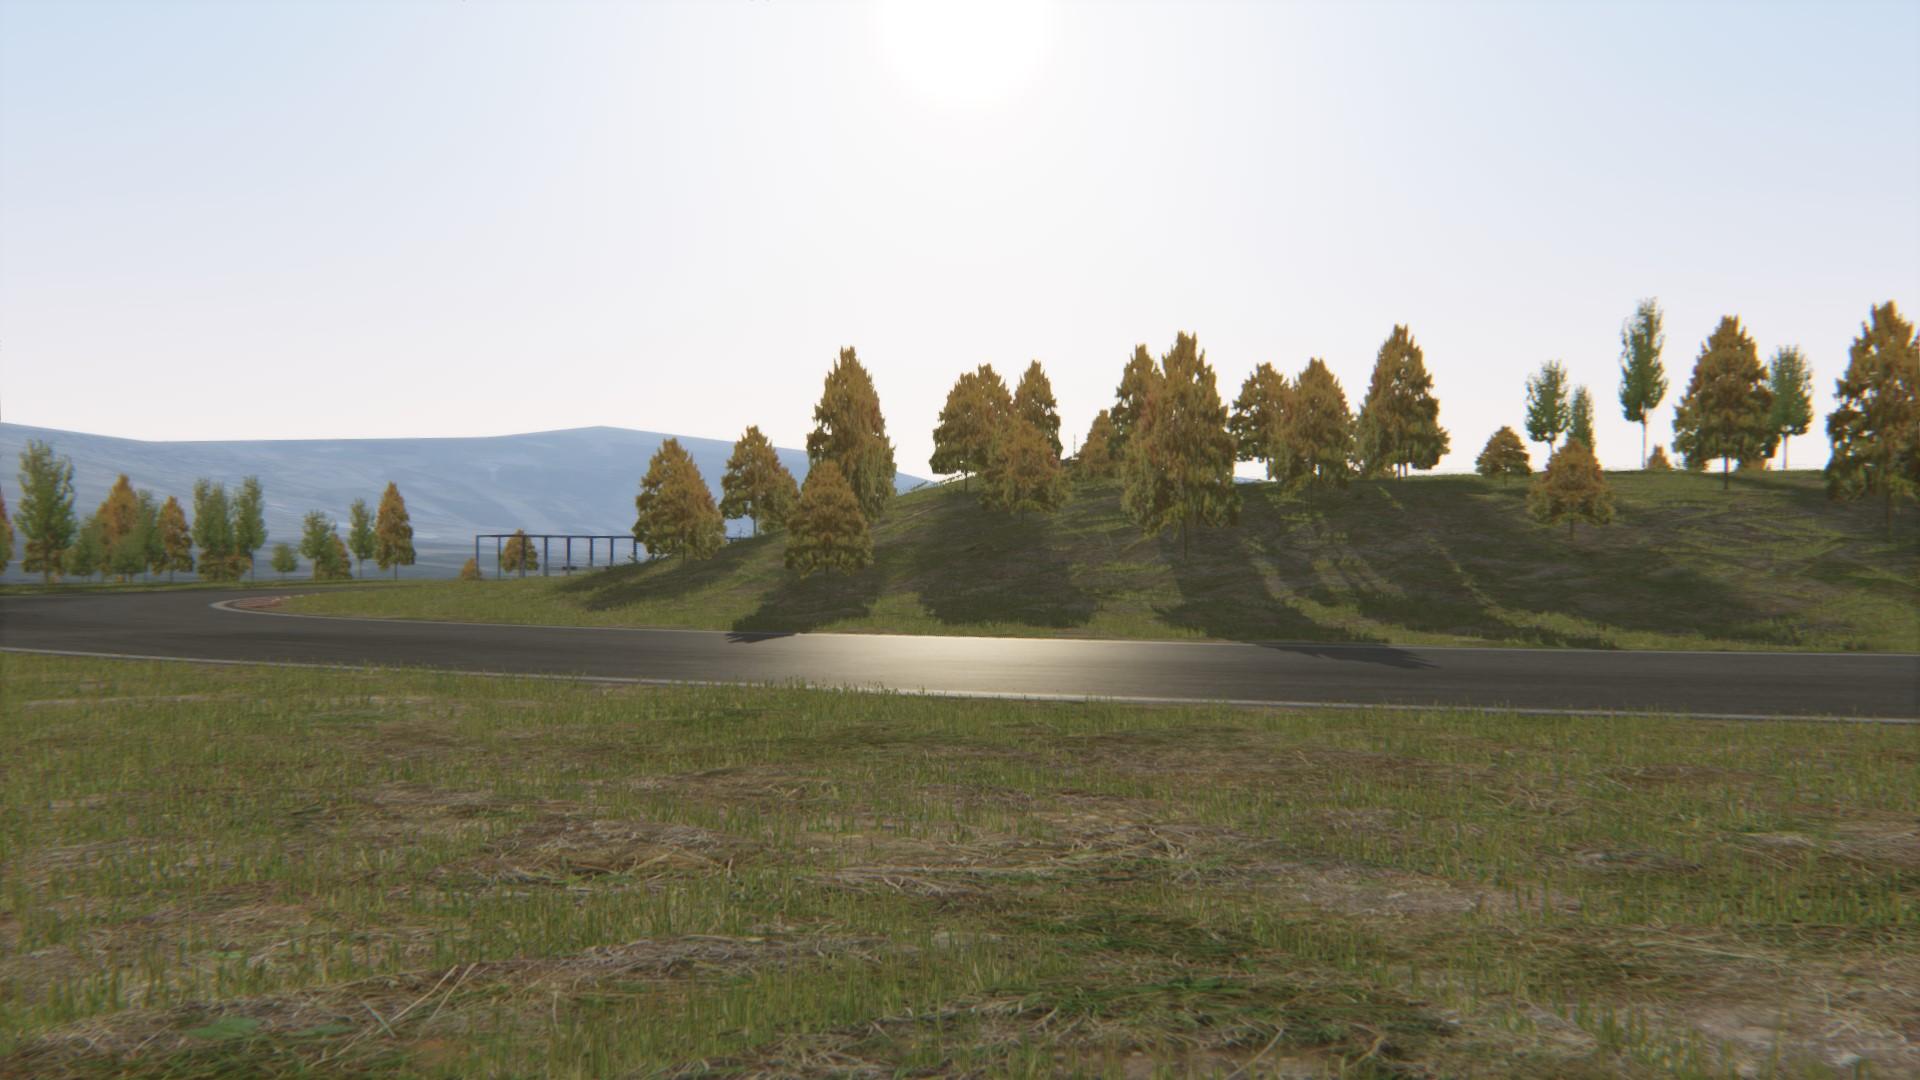 Screenshot_bmw_m3_e30_drift_suzukatwindrift_7-4-116-23-53-52.jpg